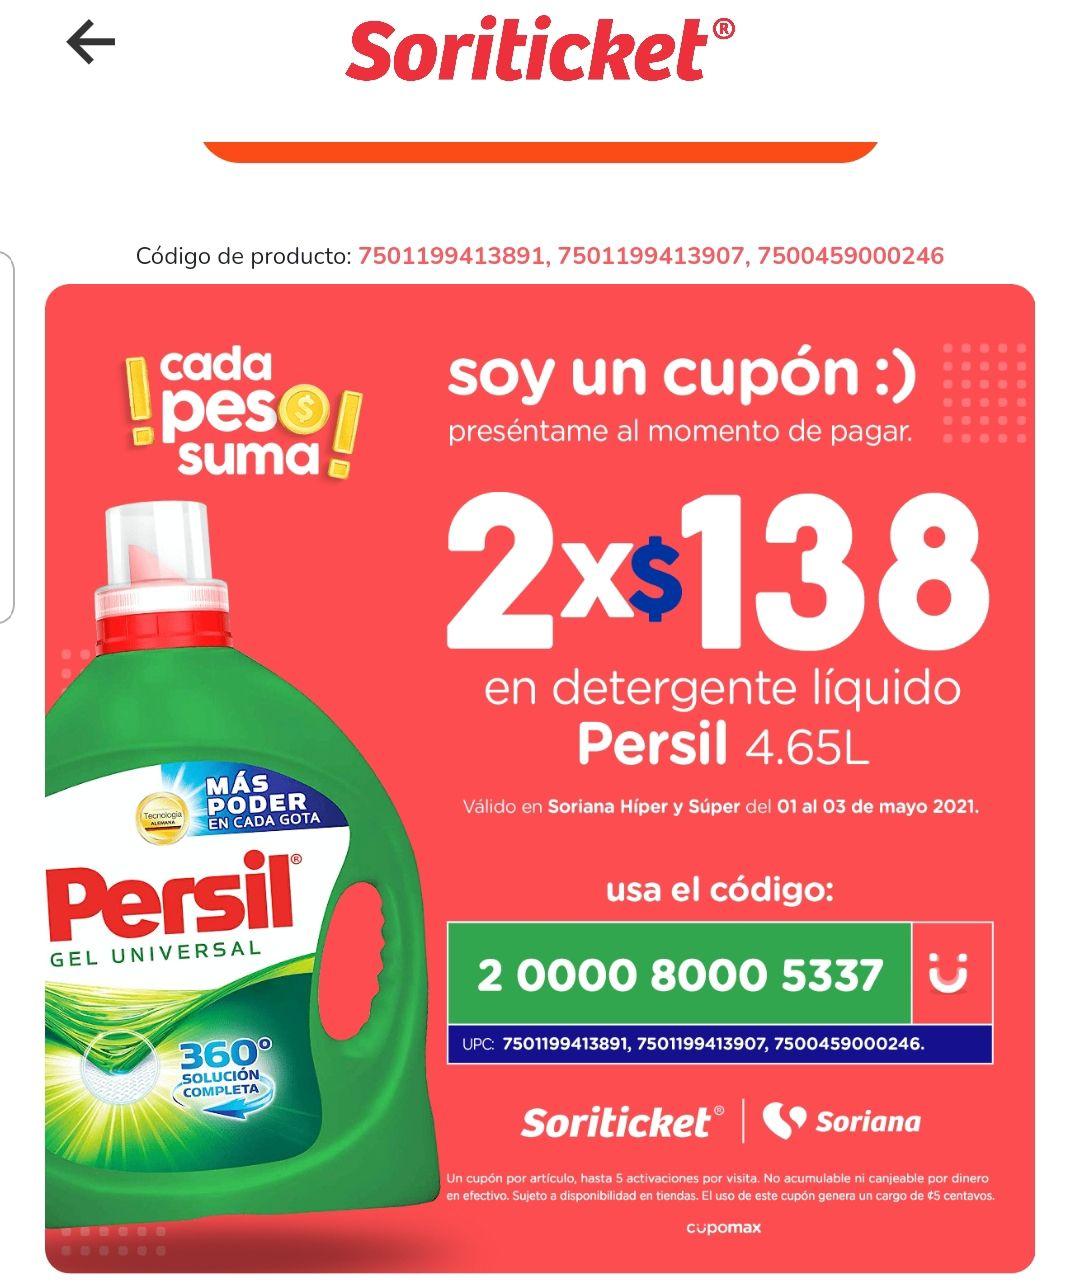 Persil 2x138 en Soriana con cupón